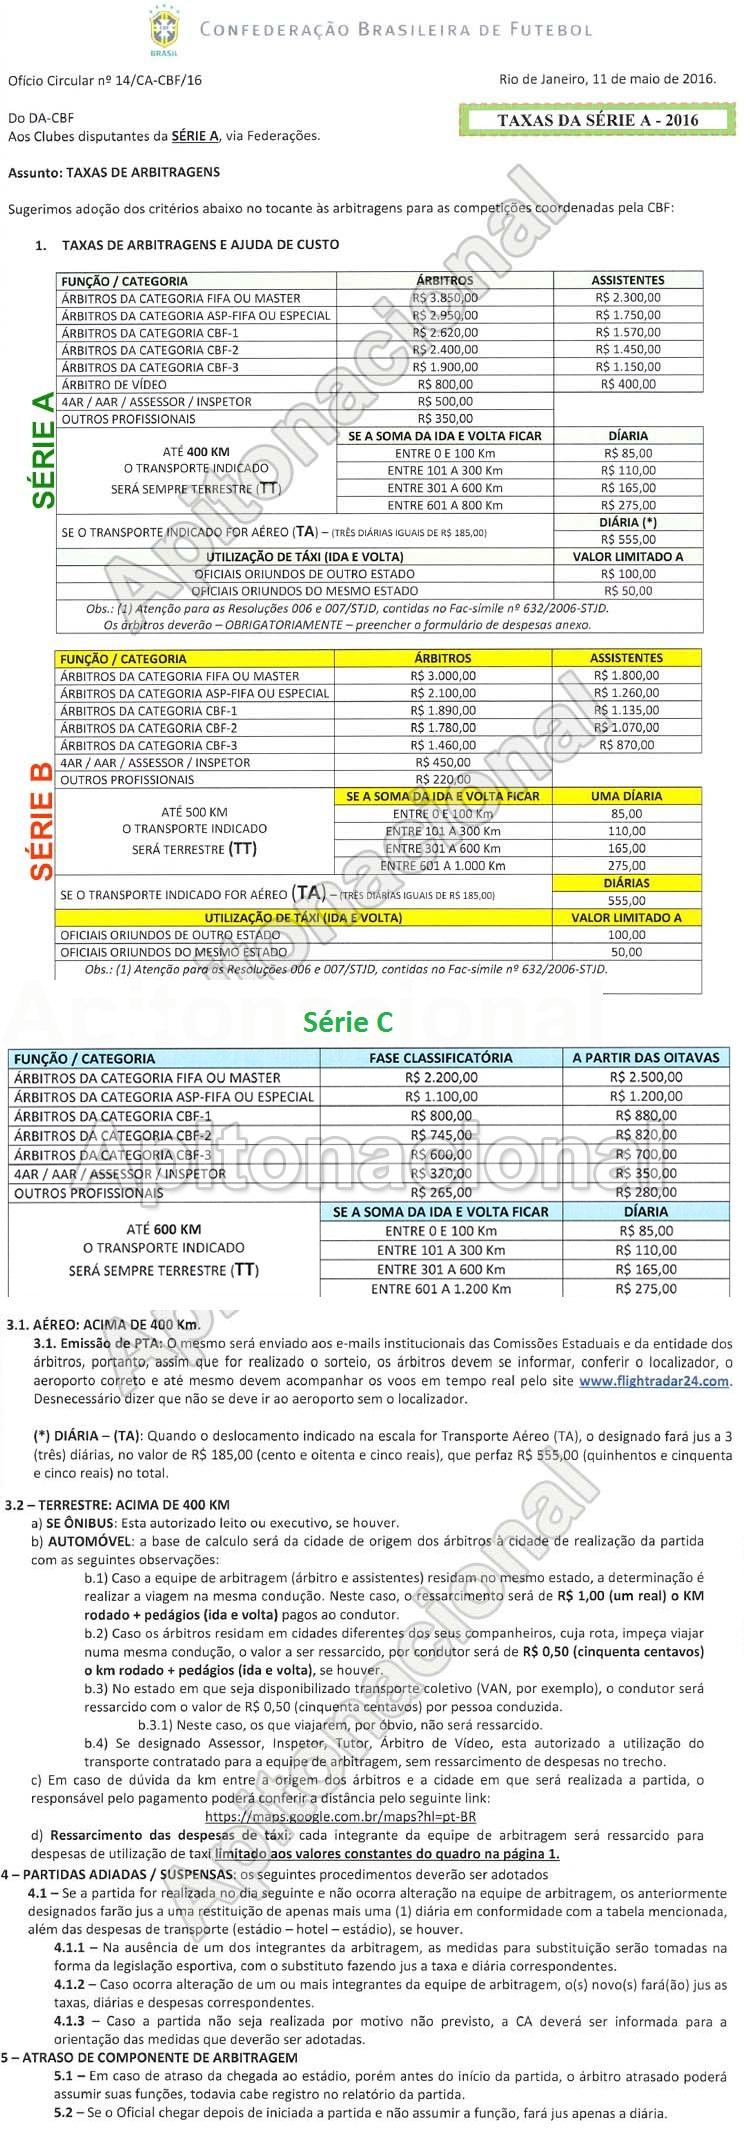 taxas-2016-a-b.jpg